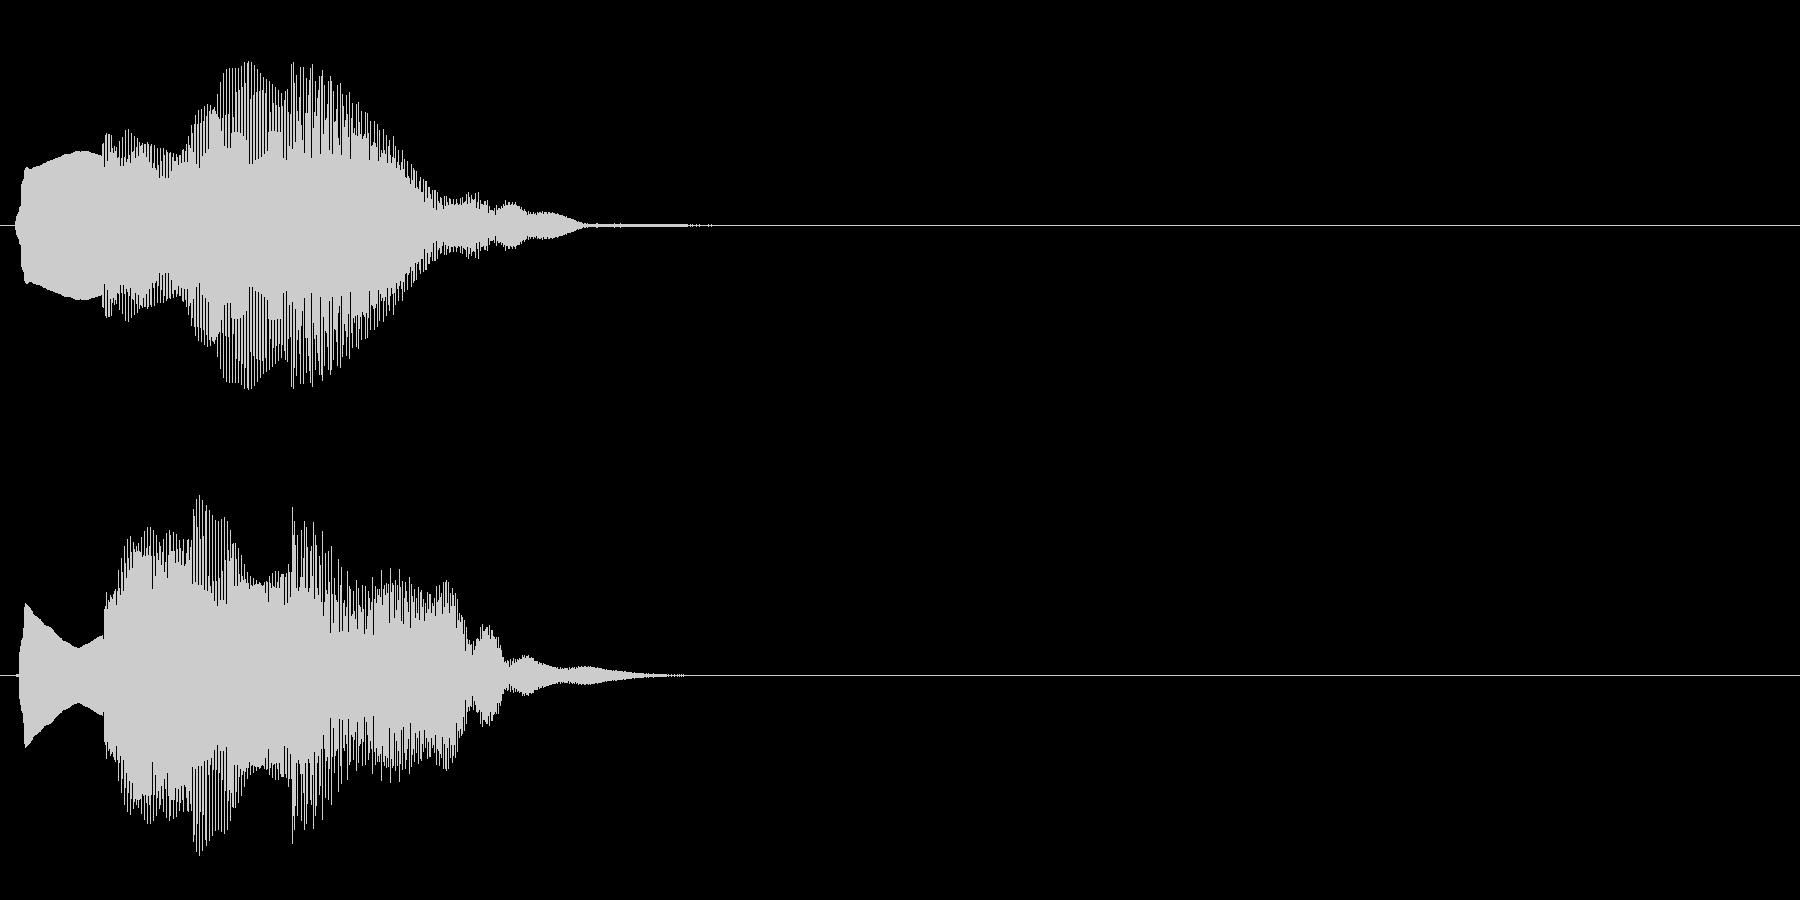 汎用 エレピ系08(大) アイテム発見の未再生の波形